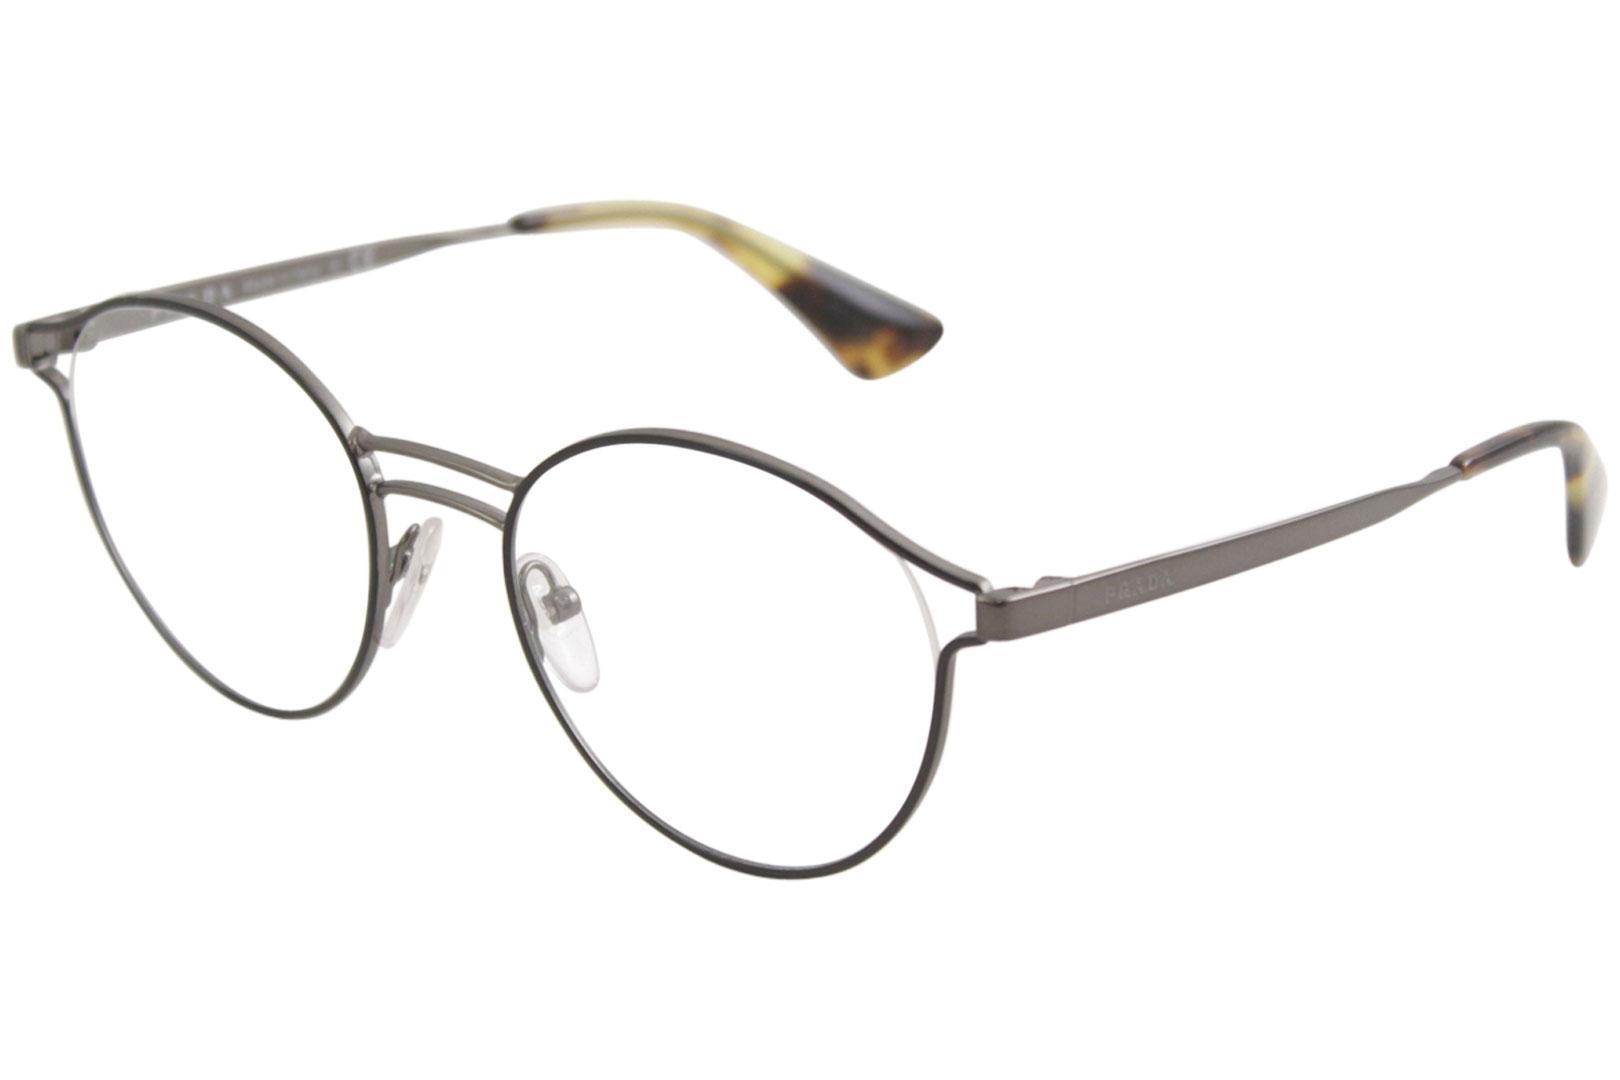 6cd2fdd8d5e9 Prada Women's Eyeglasses VPR62T VPR/62/T Full Rim Optical Frame